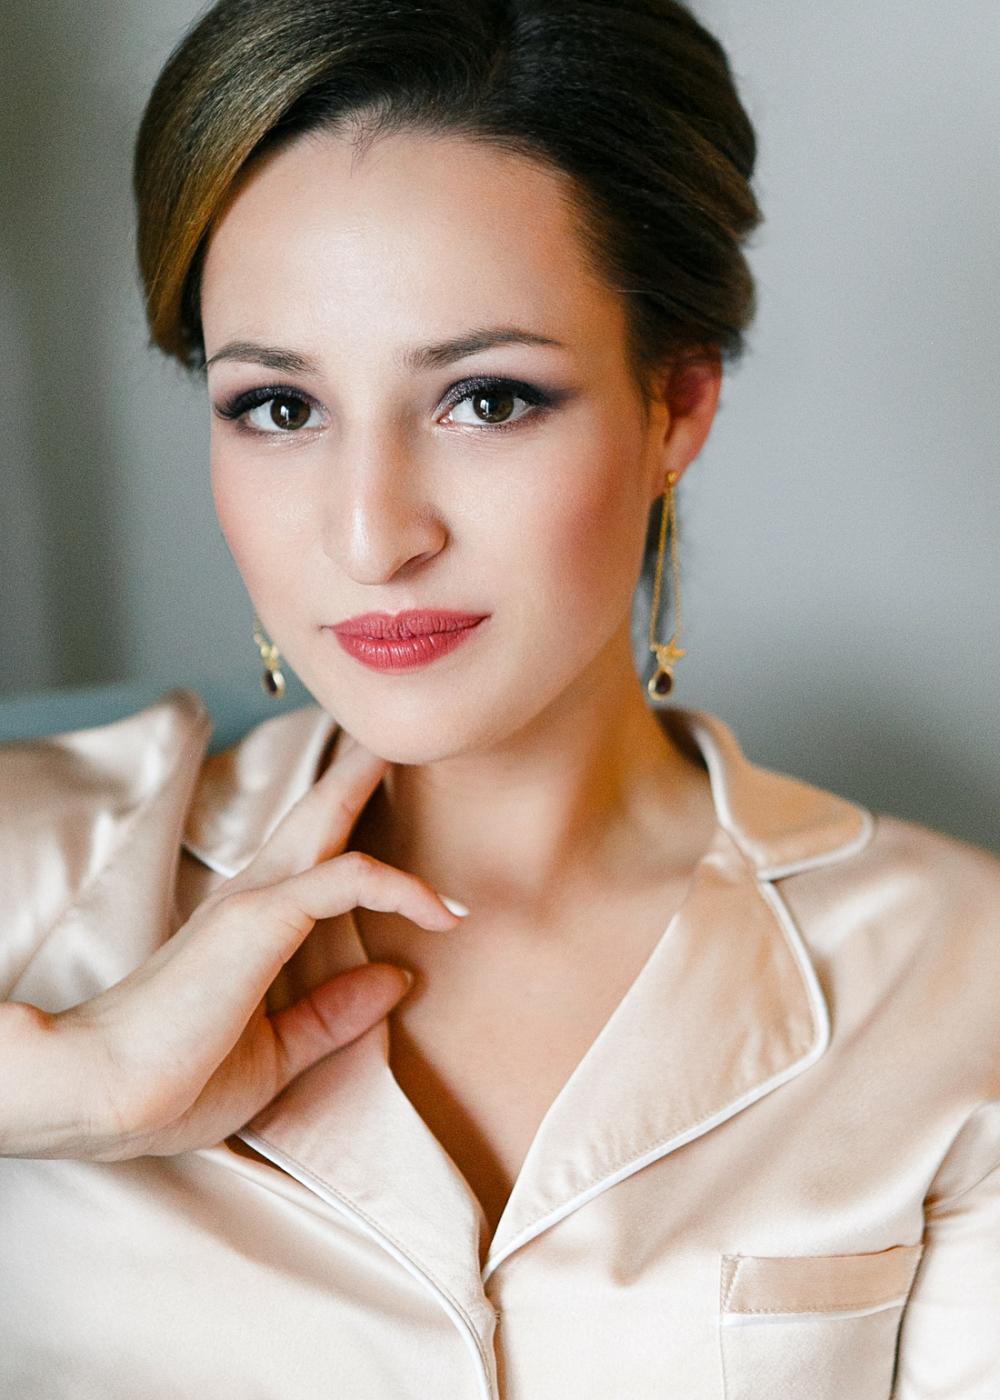 Лола Кочеткова - актриса - фотографии - российские актрисы - Кино ... | 1400x1000